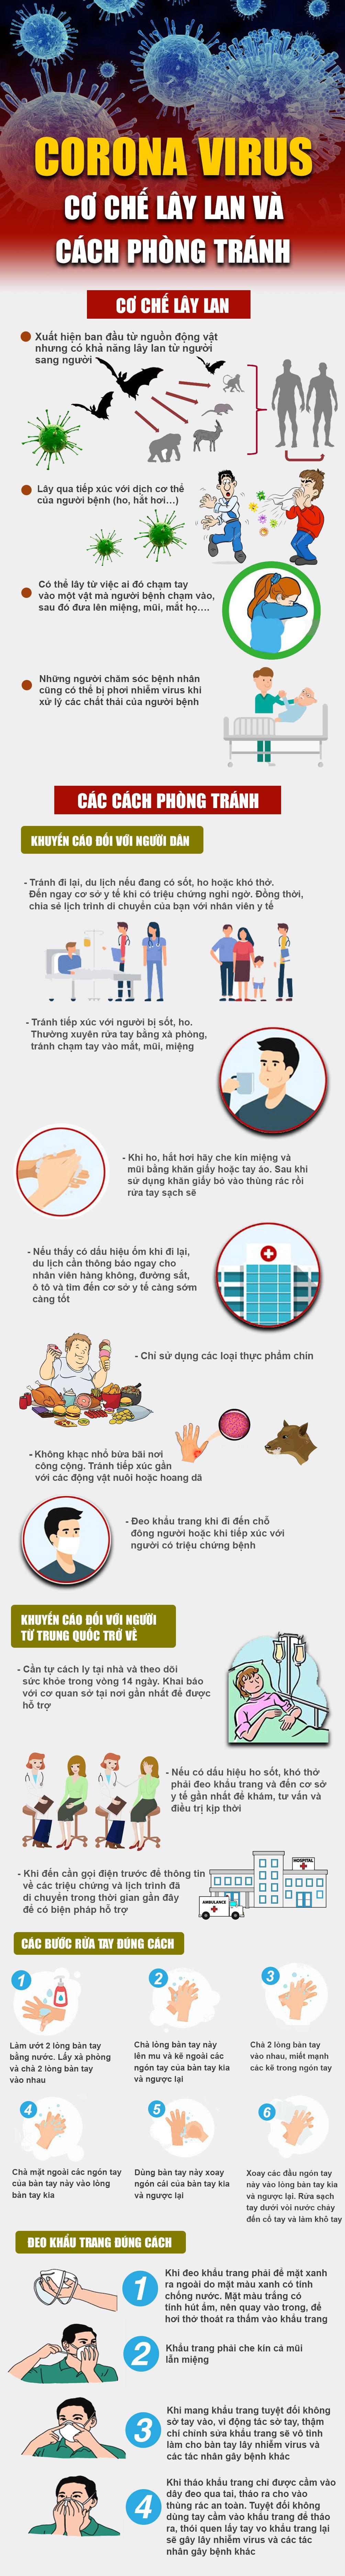 Nóng: Lễ tân khách sạn dương tính với virus Corona, Bộ Y tế công bố dịch ở Khánh Hòa - 2